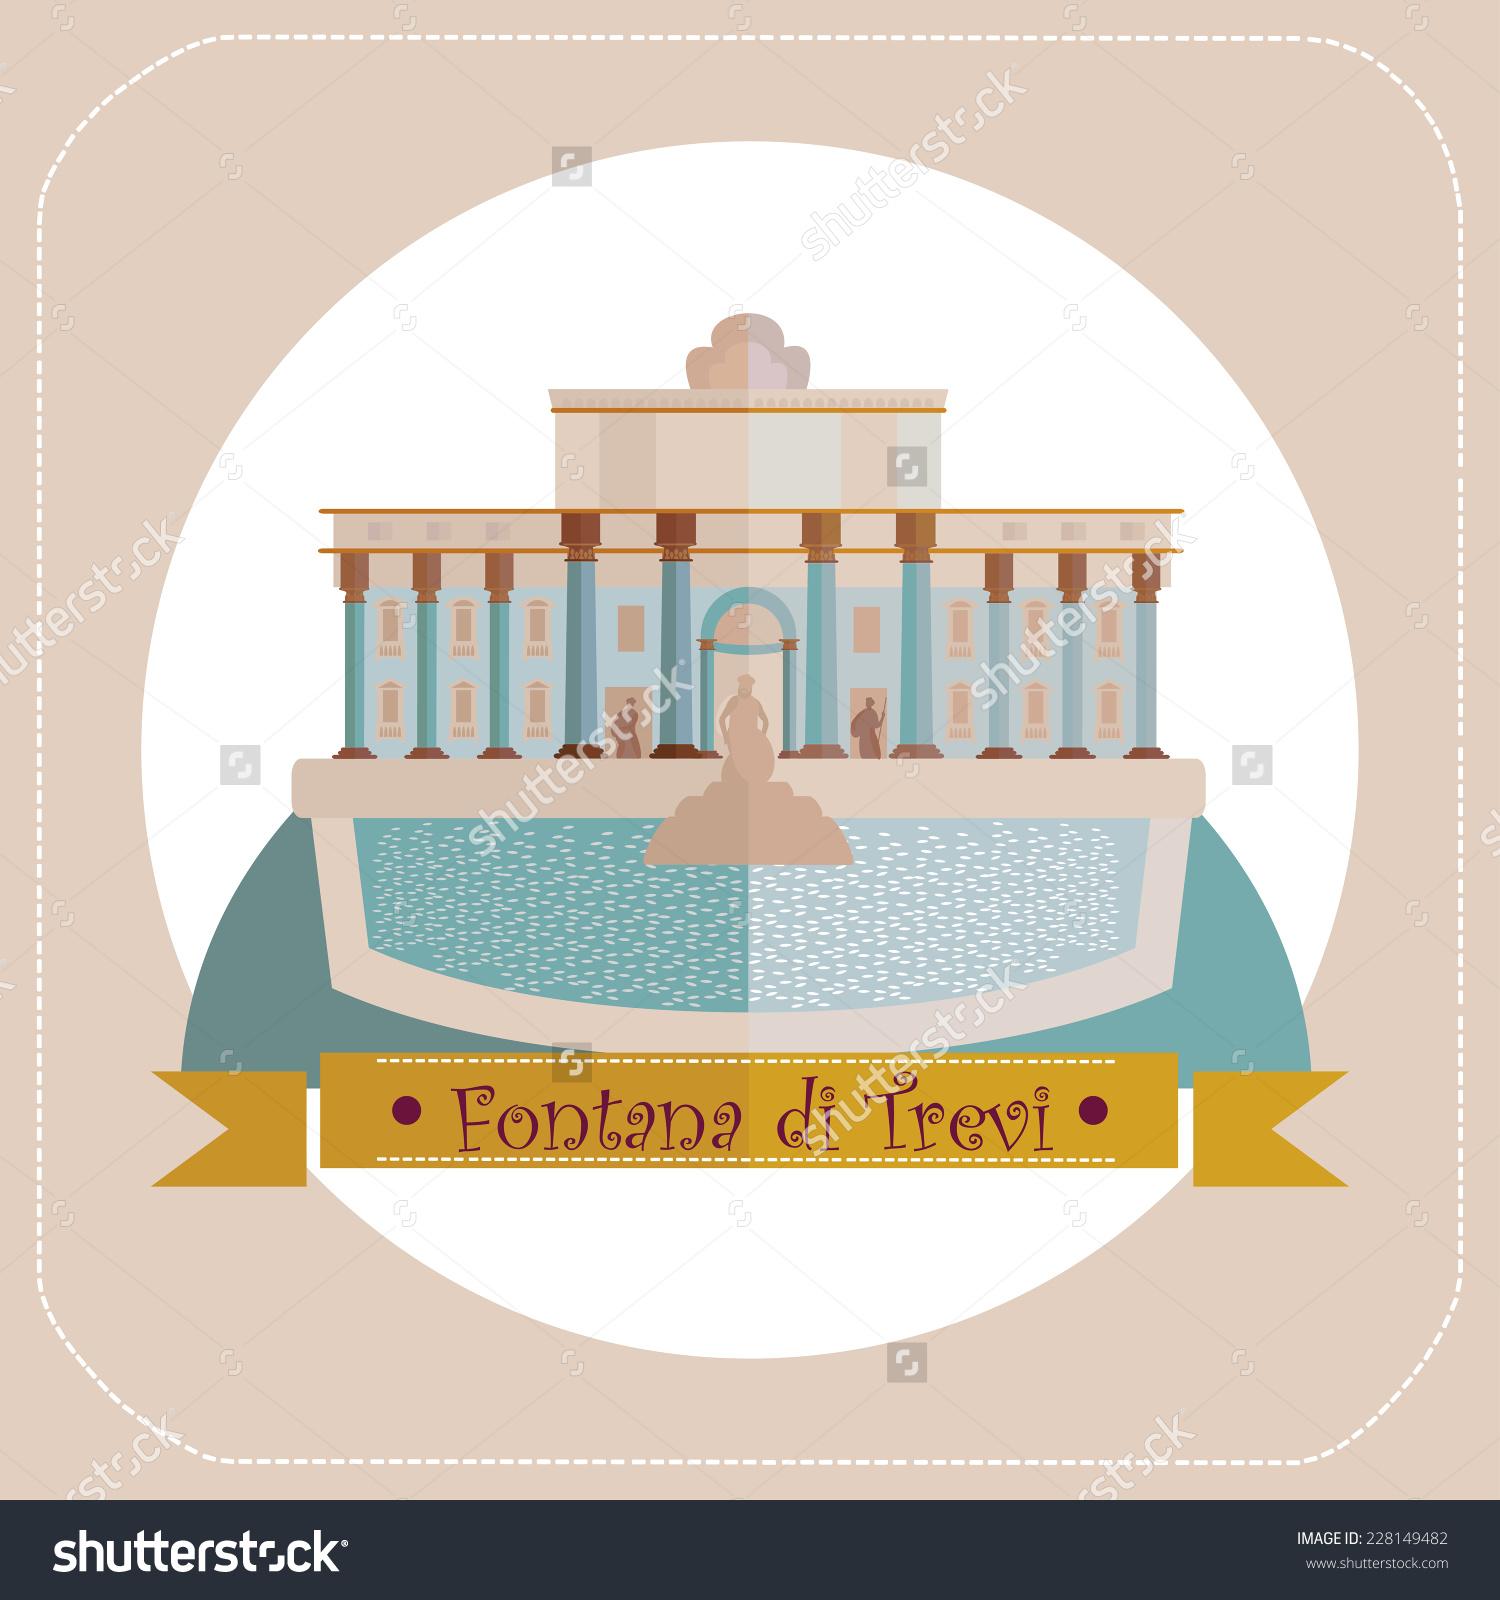 Italy Rome Fountain Trevi Stock Vector 228149482.